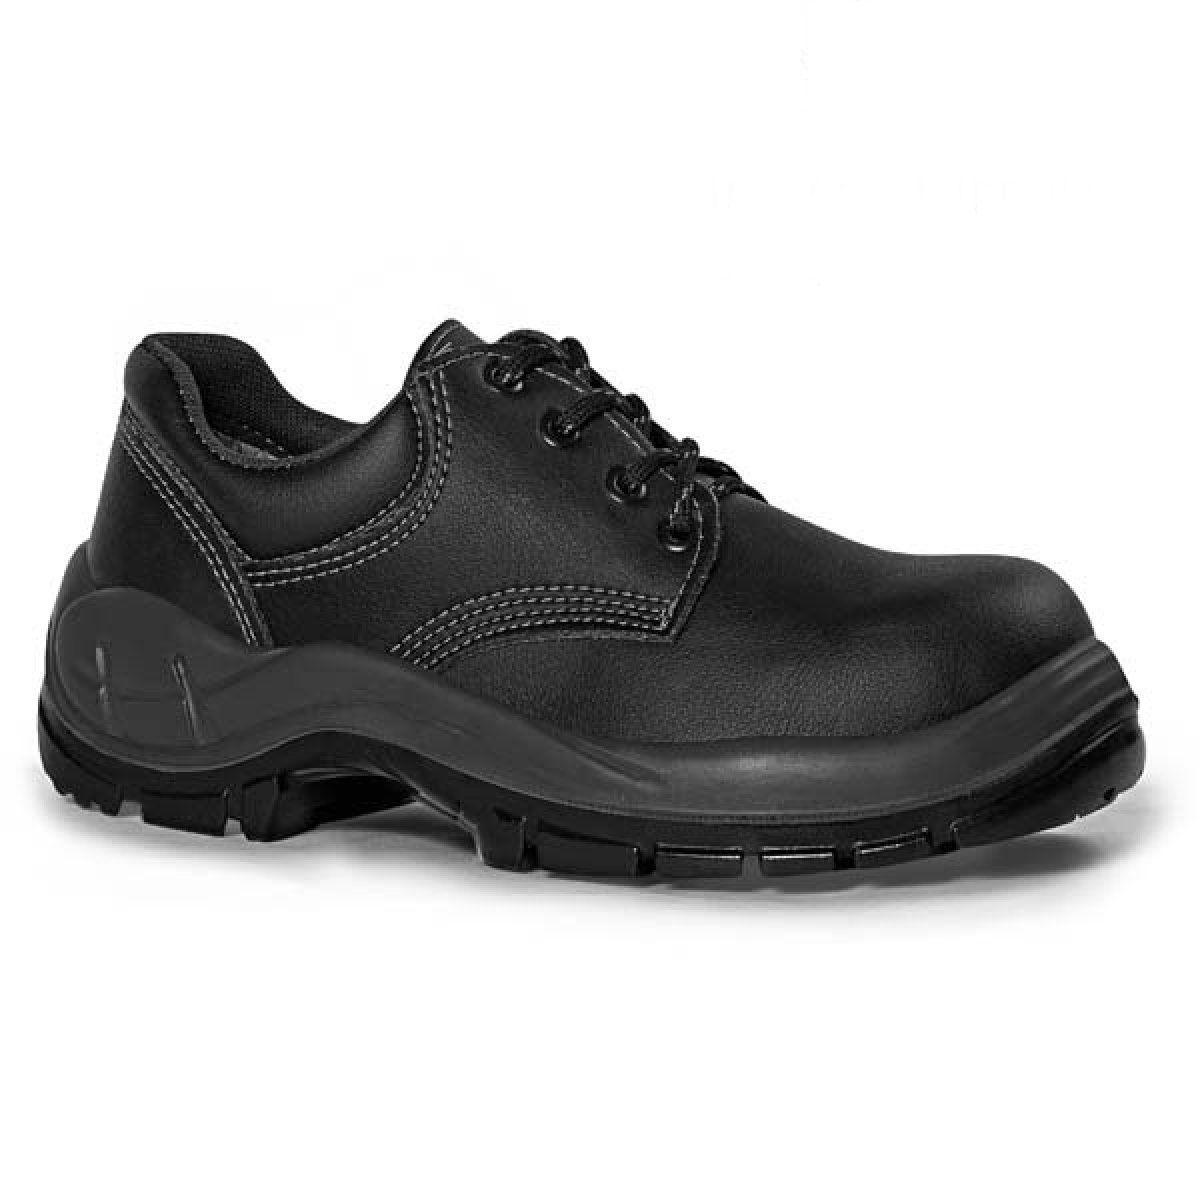 Sapato c/ Cadarço Bidensidade c/ Bico de Aço Preto N°42 - BRACOL